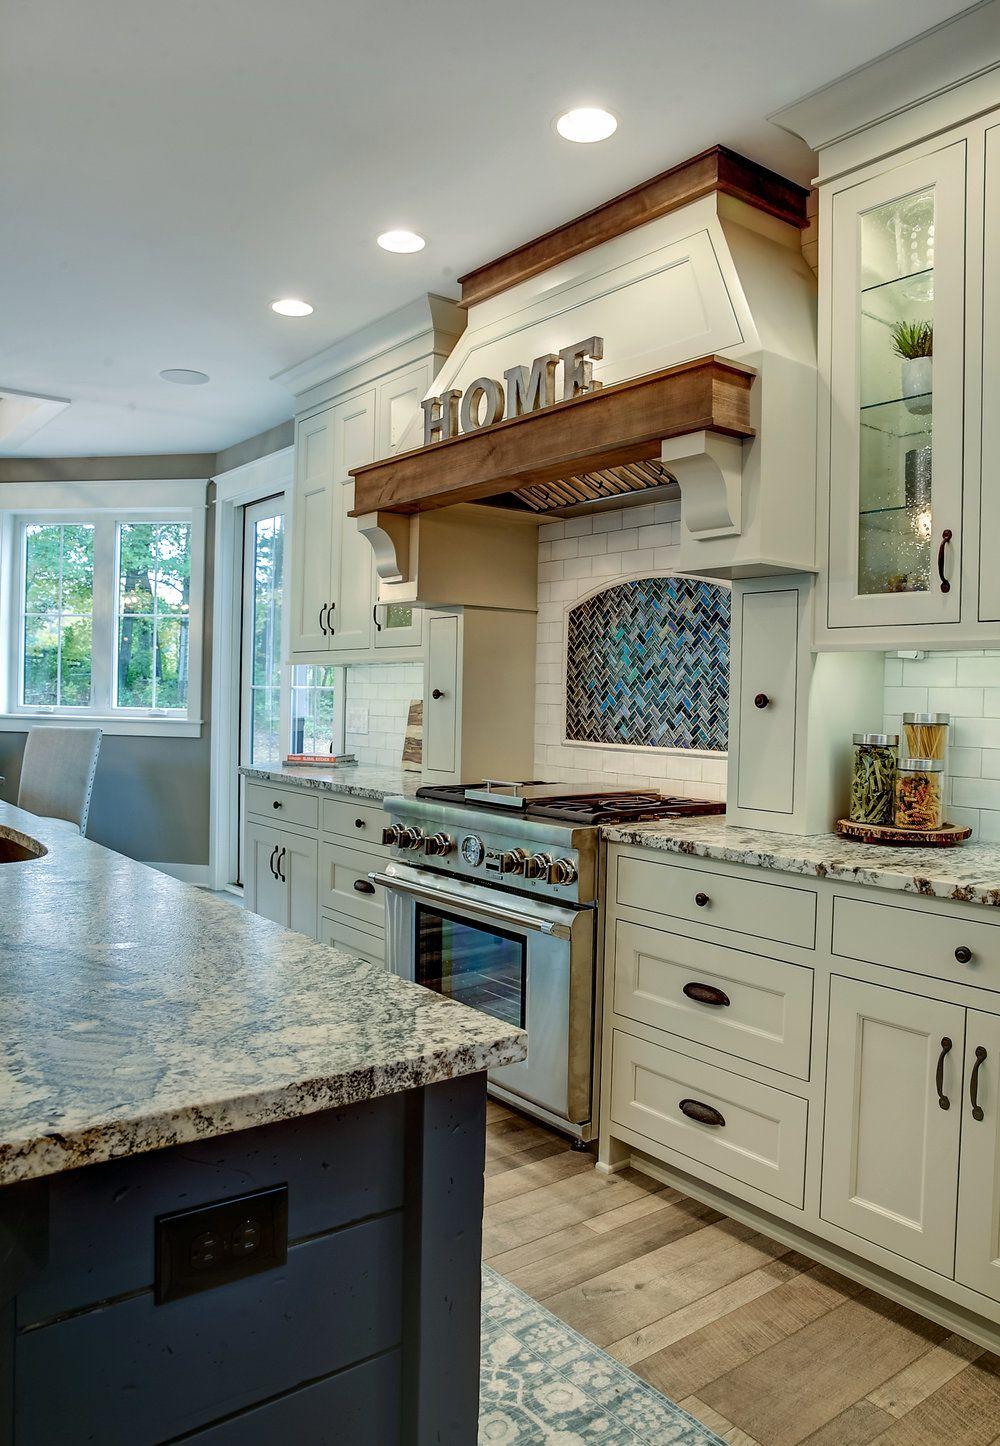 Ada, MI Rustic Charm   Home Ideas   Pinterest   Landhausküchen und Küche